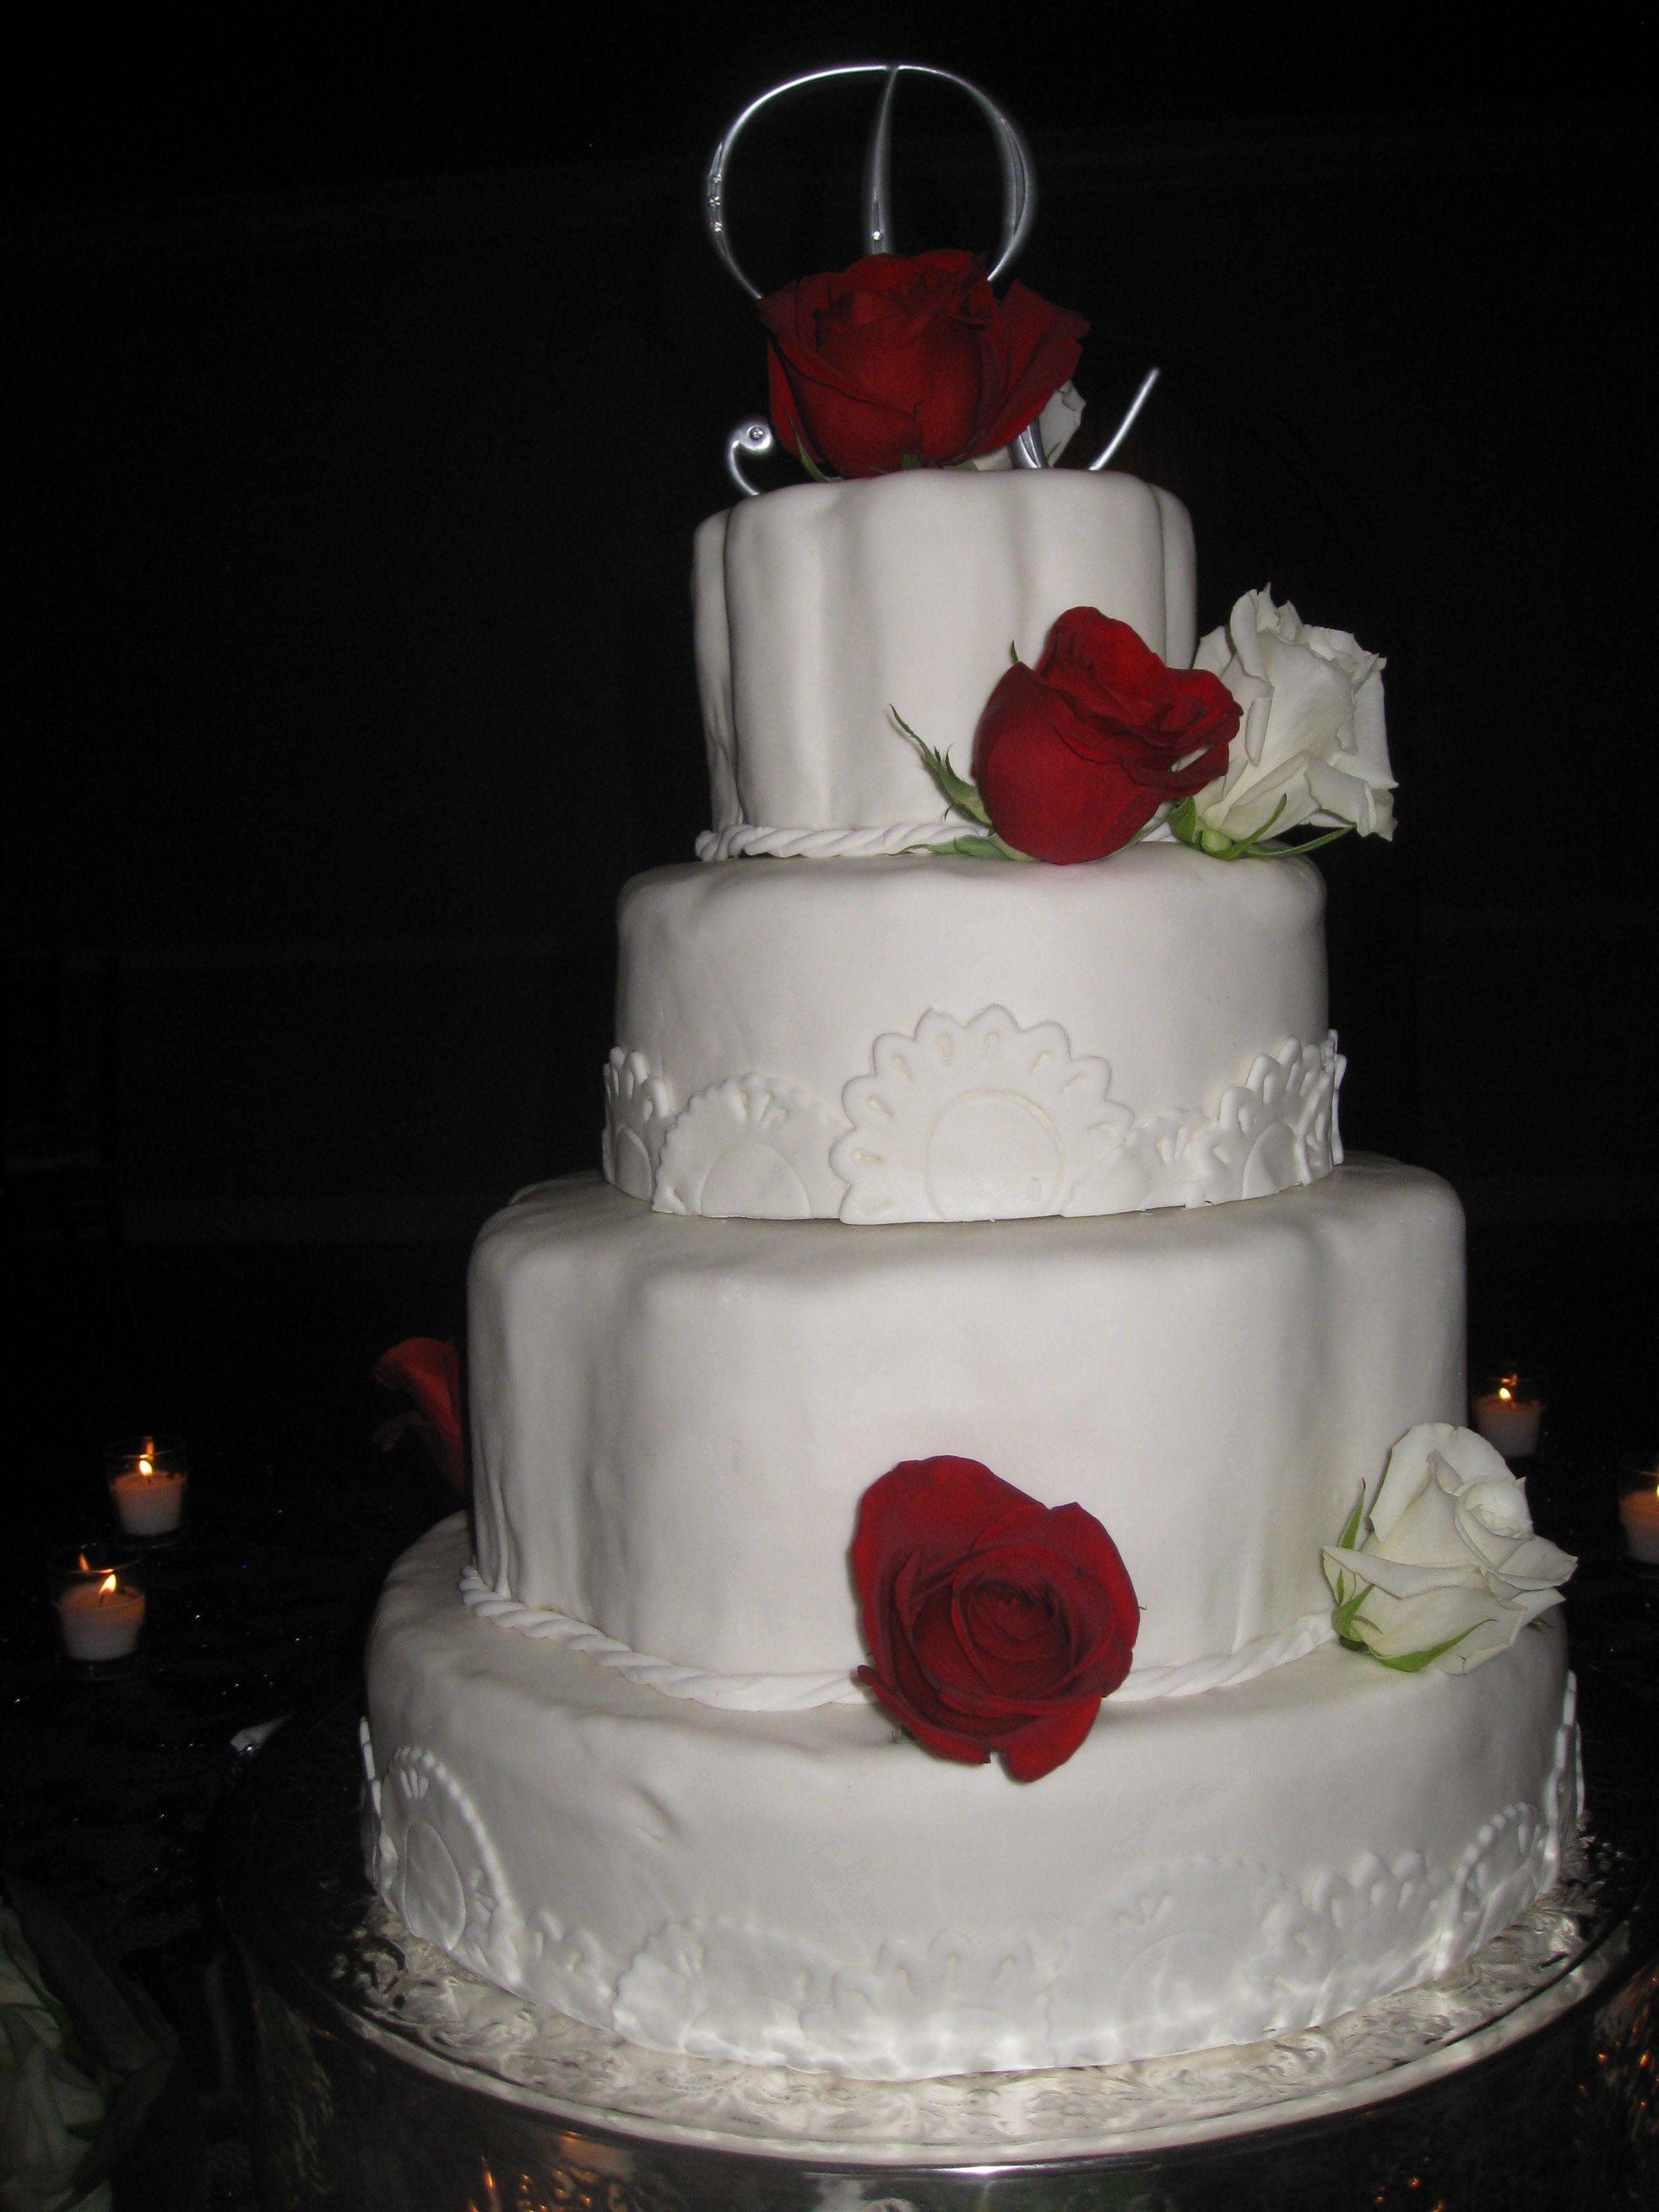 Wedding Cake White Cake With Strawberry Filling Covered In Fondant Strawberry Cake Filling Strawberry Cakes Cake